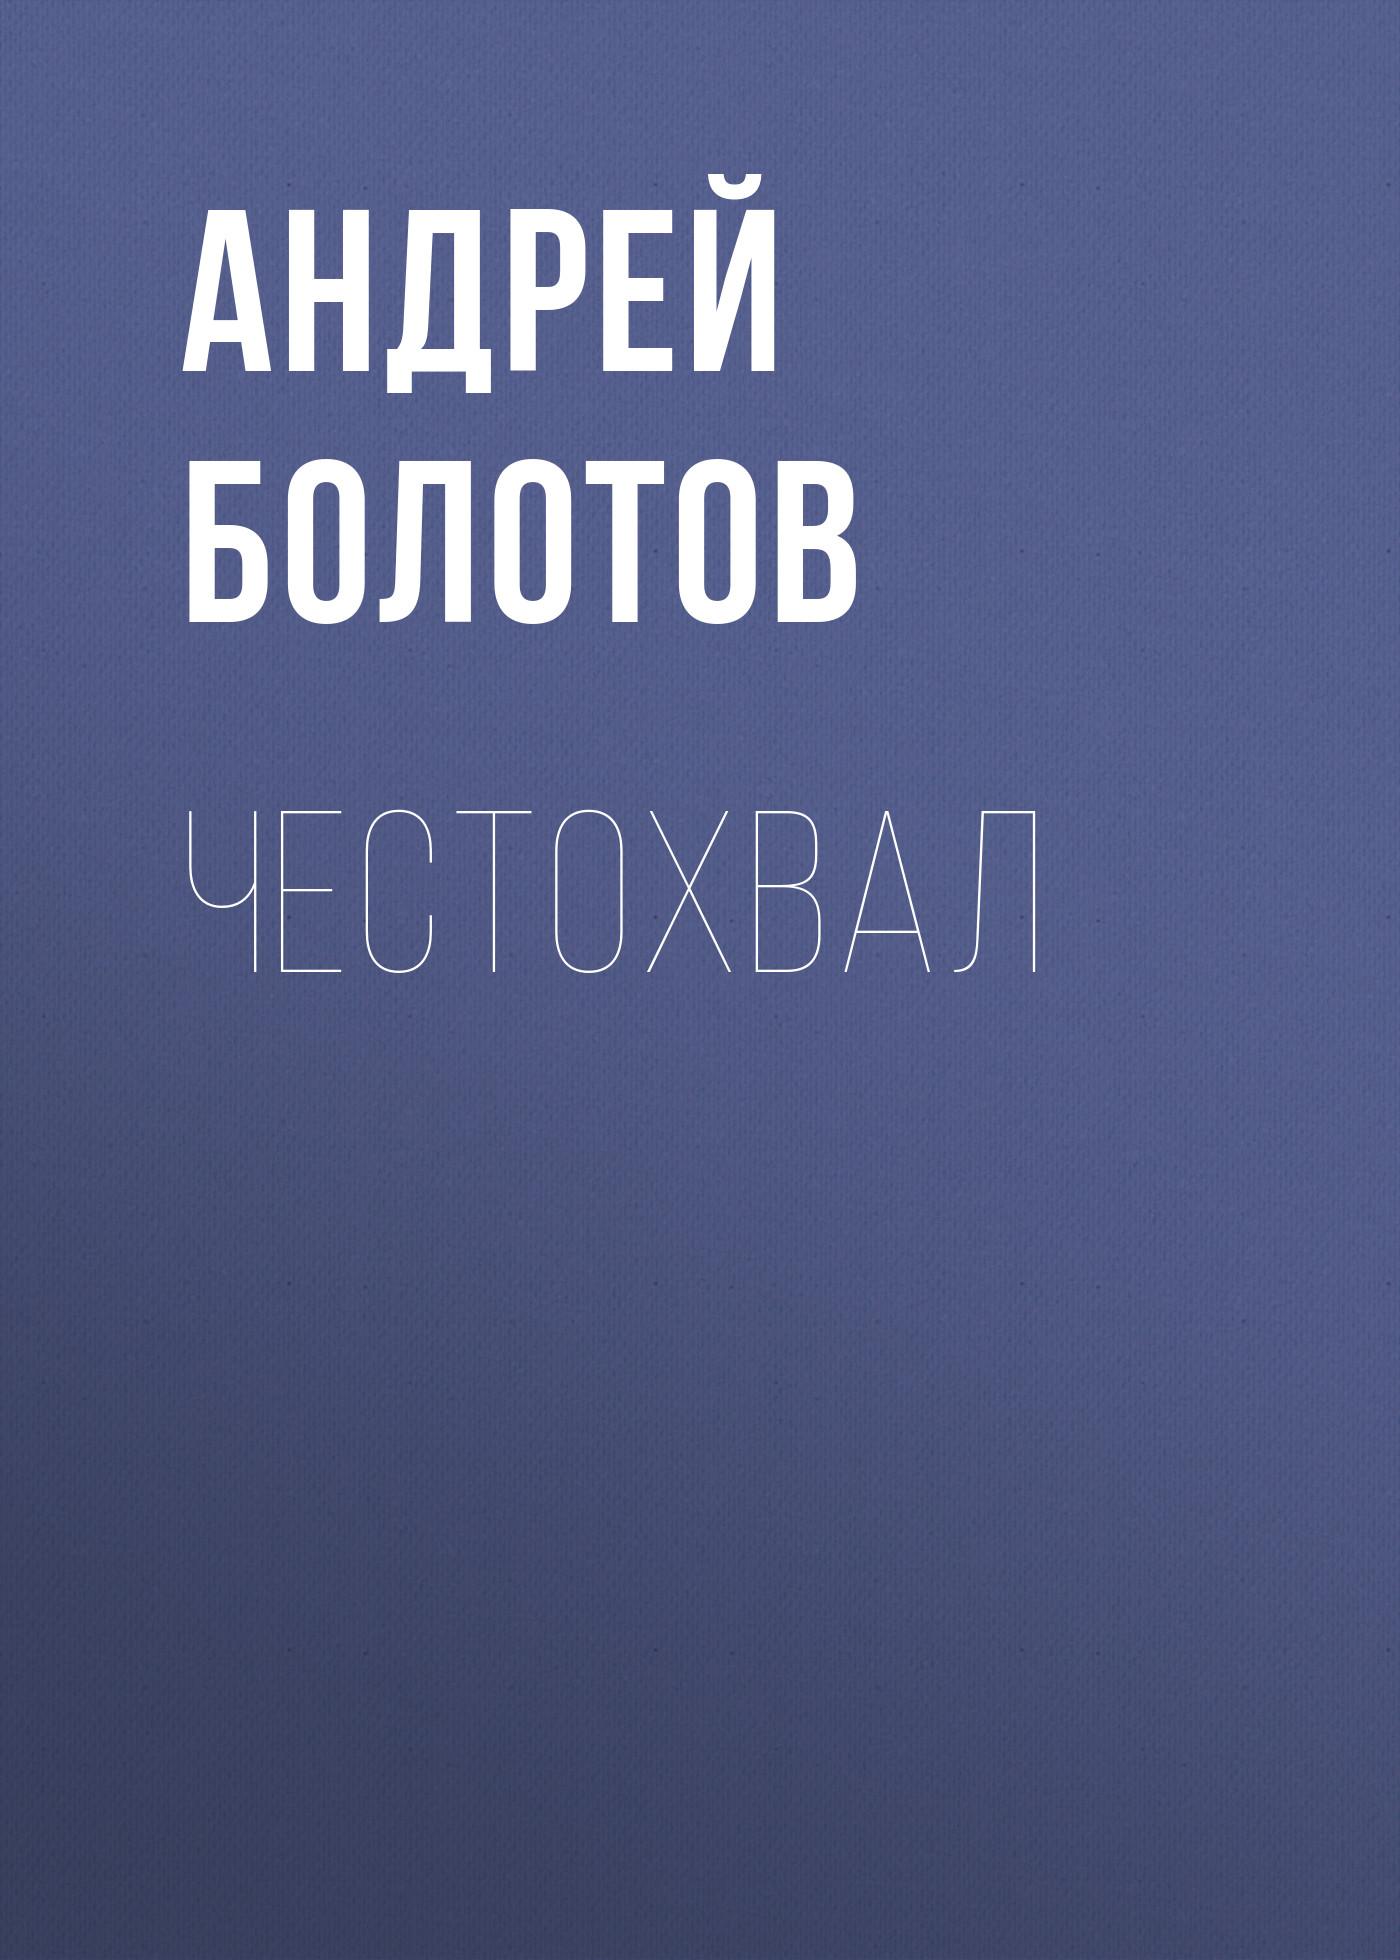 Купить книгу Честохвал, автора Андрея Болотова